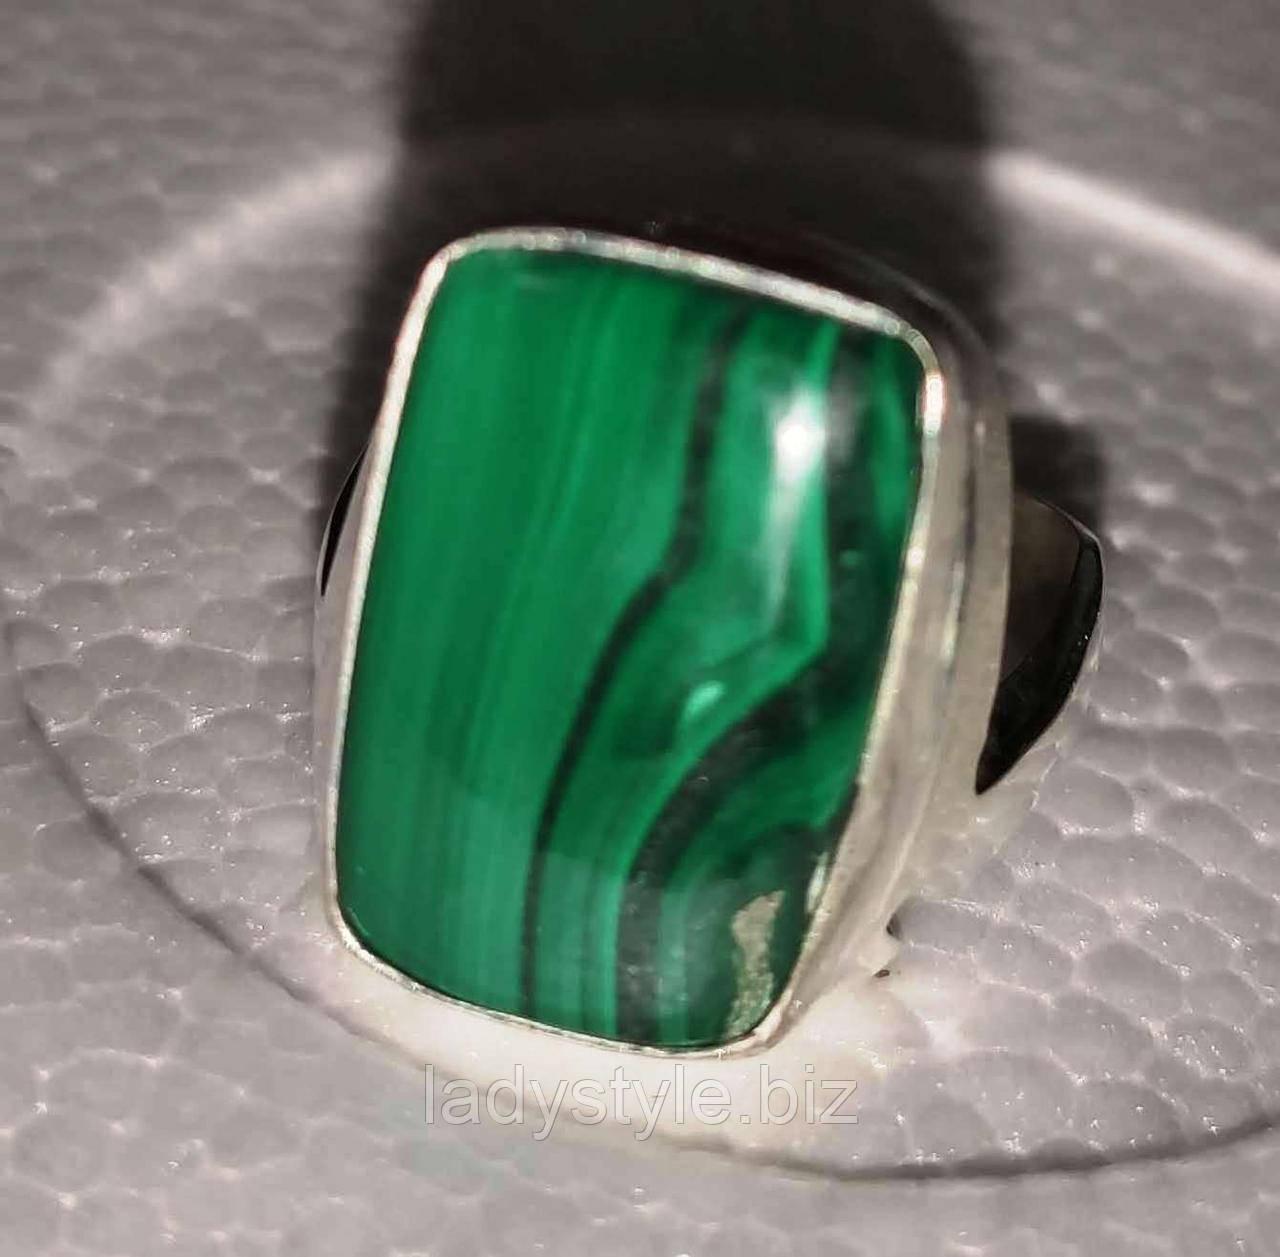 Прямоугольное кольцо  с натуральным малахитом, размер 19